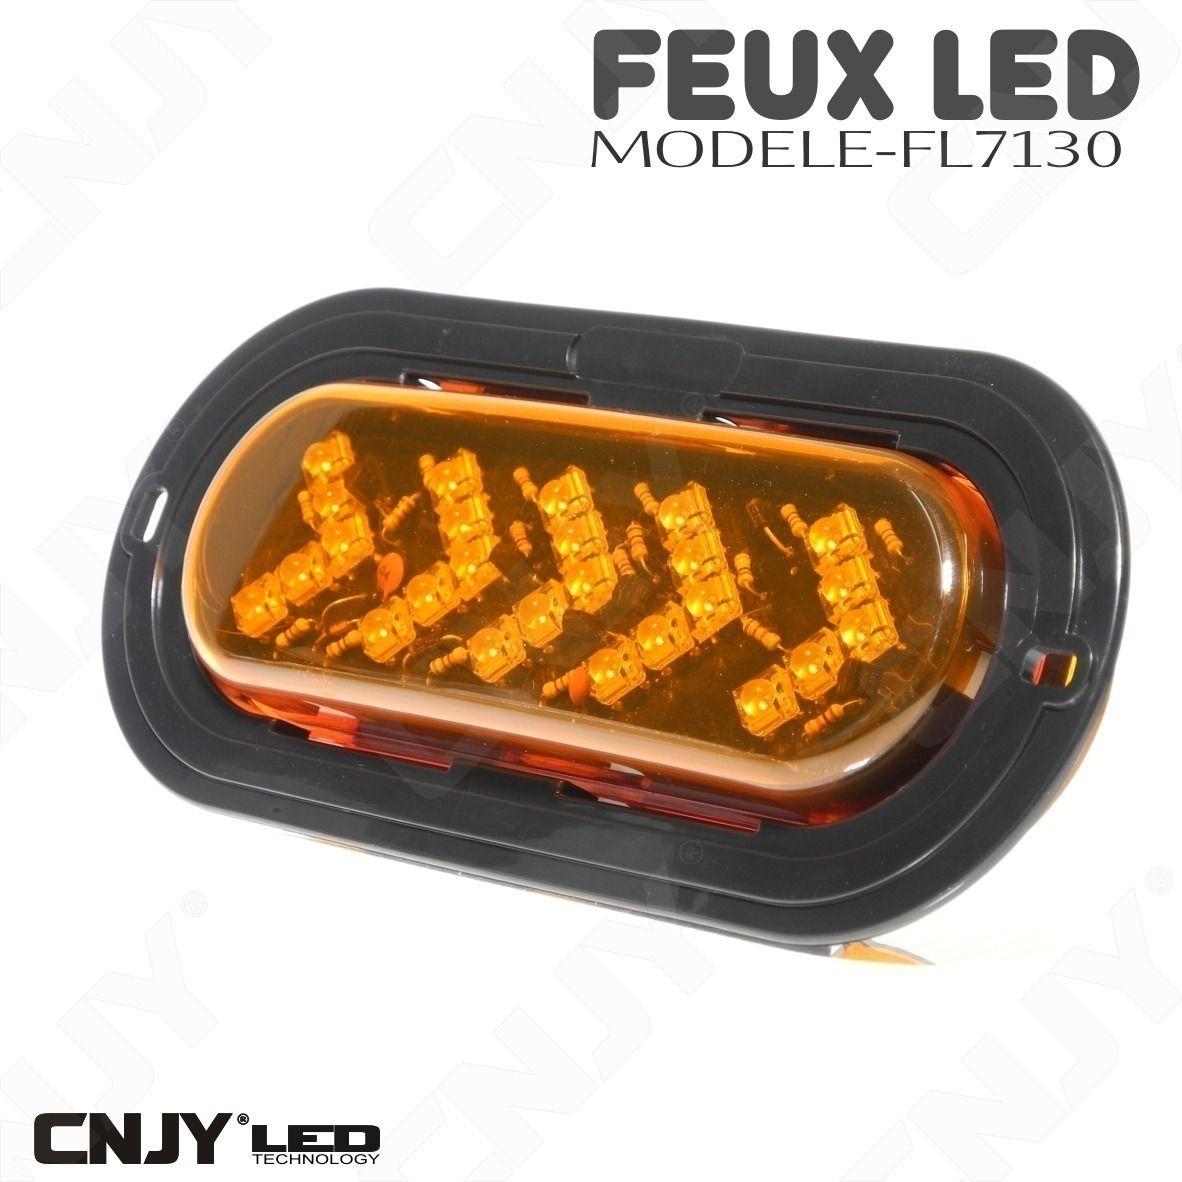 feux,clignotant,directionnel,fleche,de,defilement,led,orange,12v,24v,auto,camion,grue,quad,remorque